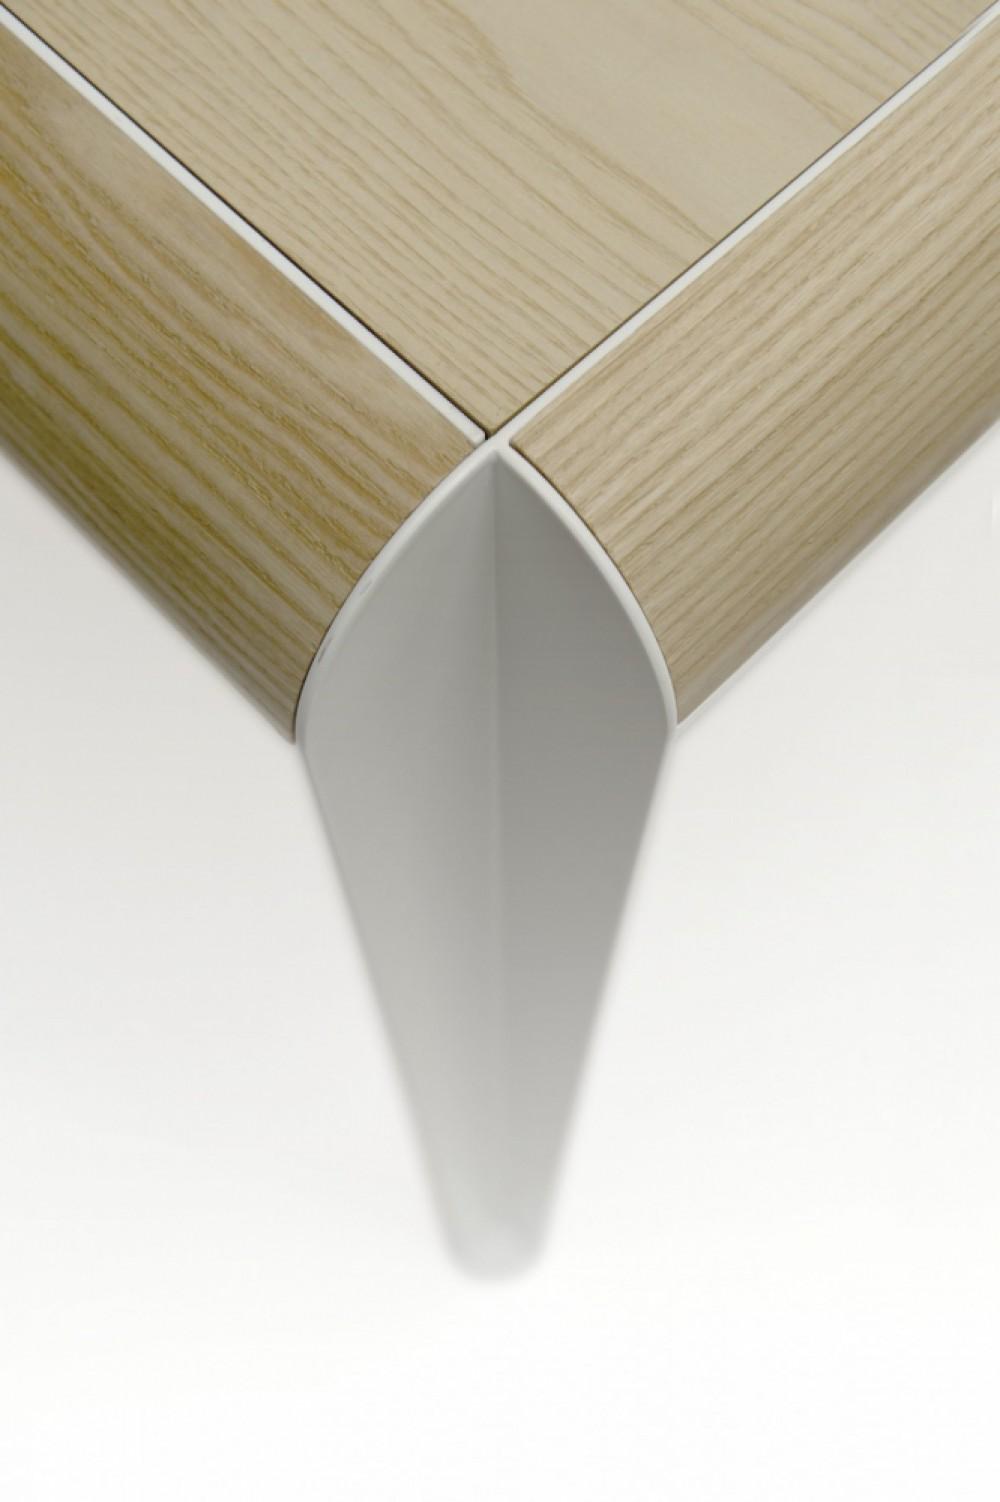 Design tisch esstisch eiche natur tischplatte l nge 200 cm for Tisch design eiche